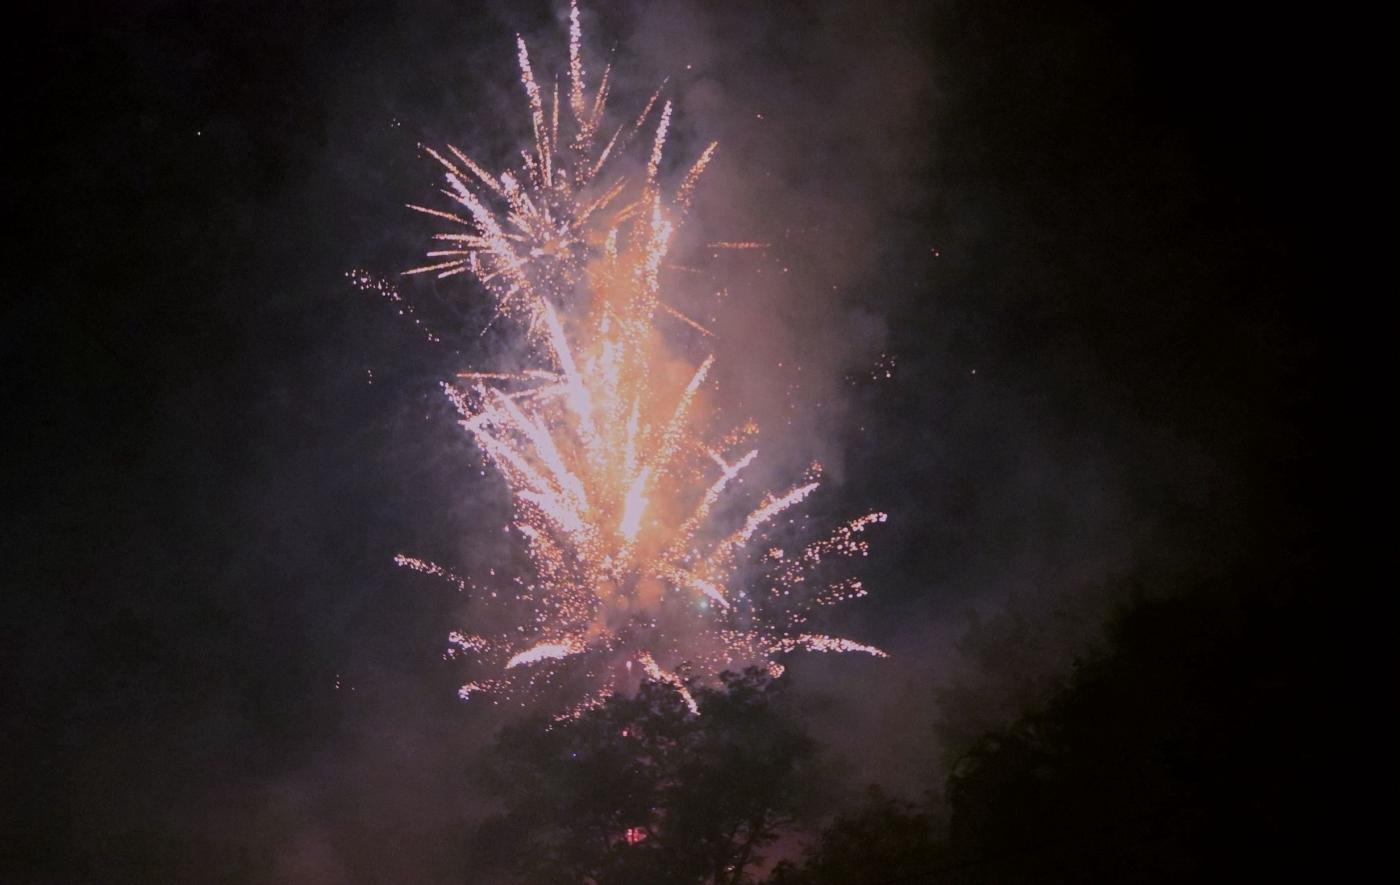 新泽西小镇125岁生日焰火实录_图1-1